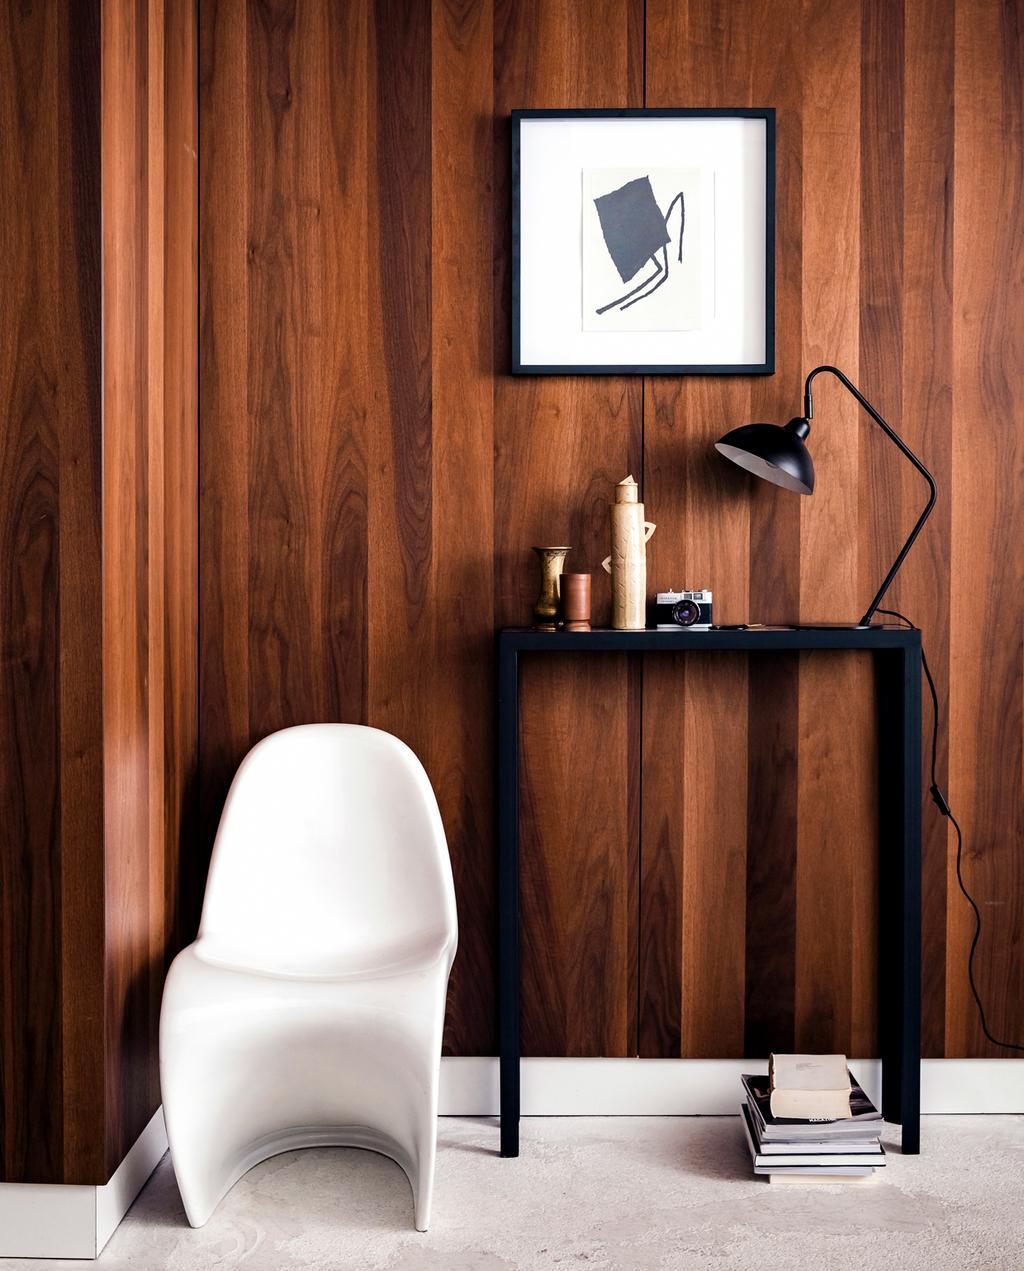 vtwonen 1-2020 | nieuw: vtwonen collectie verlichting houten wand